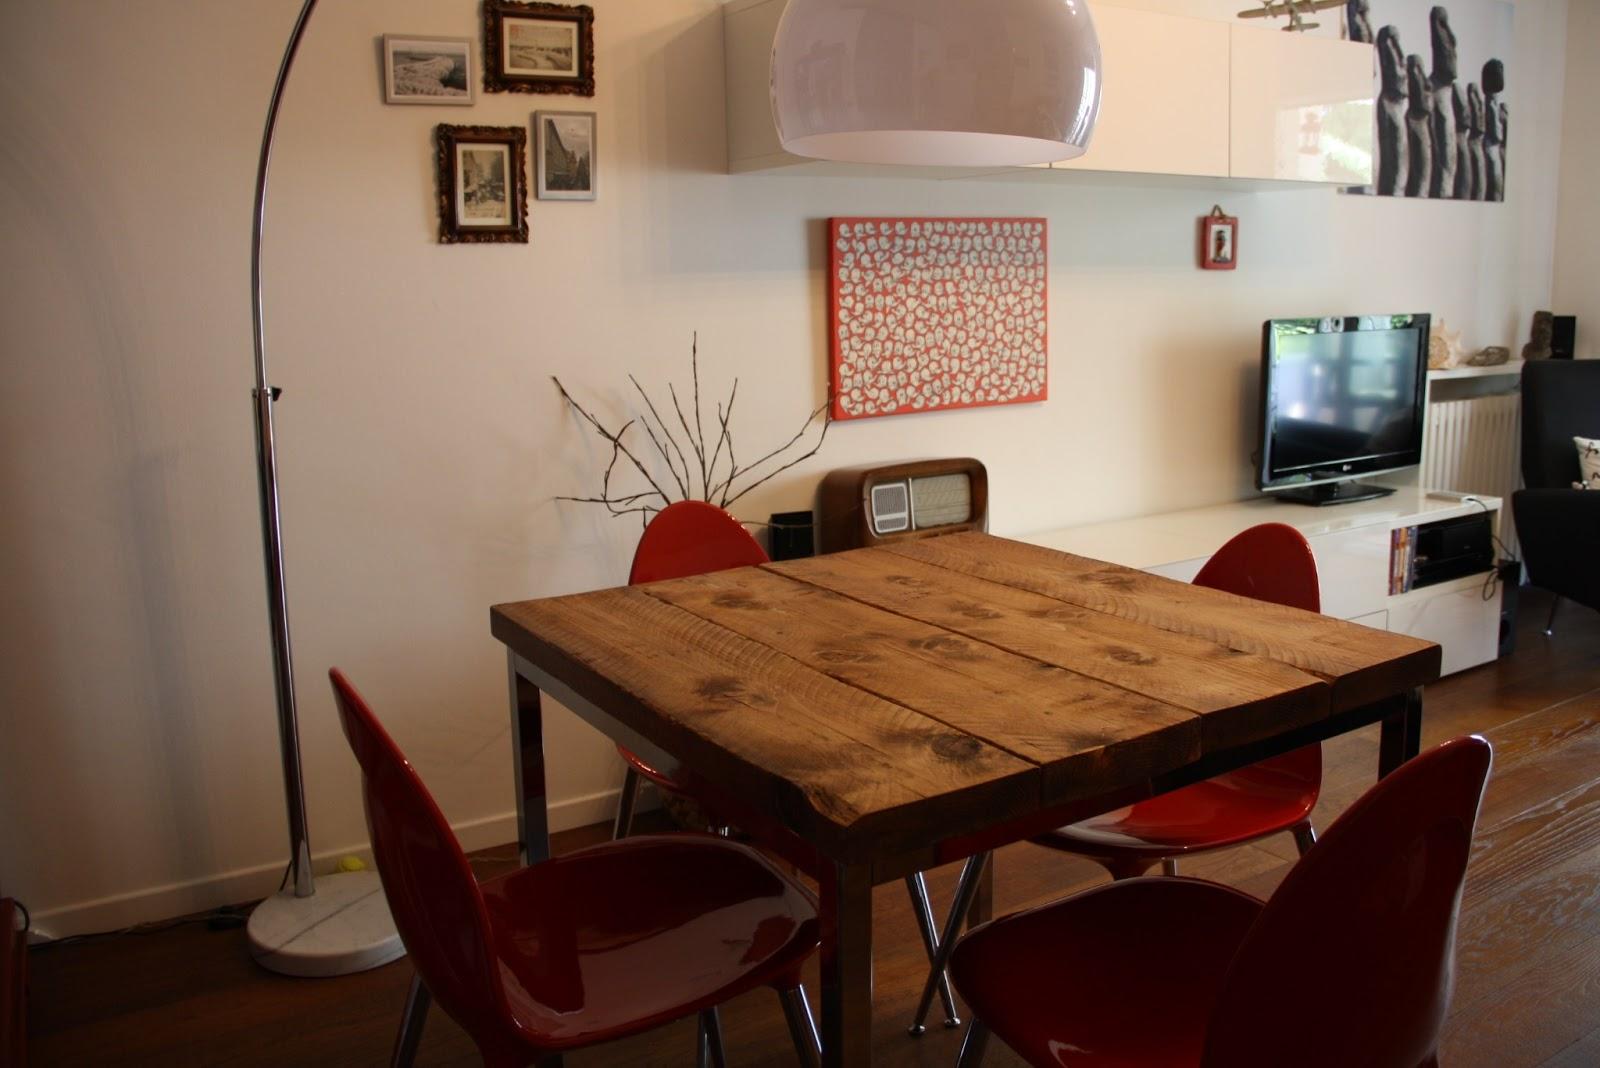 Il Baule Delle Idee Un Tavolo Dal Sapore Vintage Vissuto